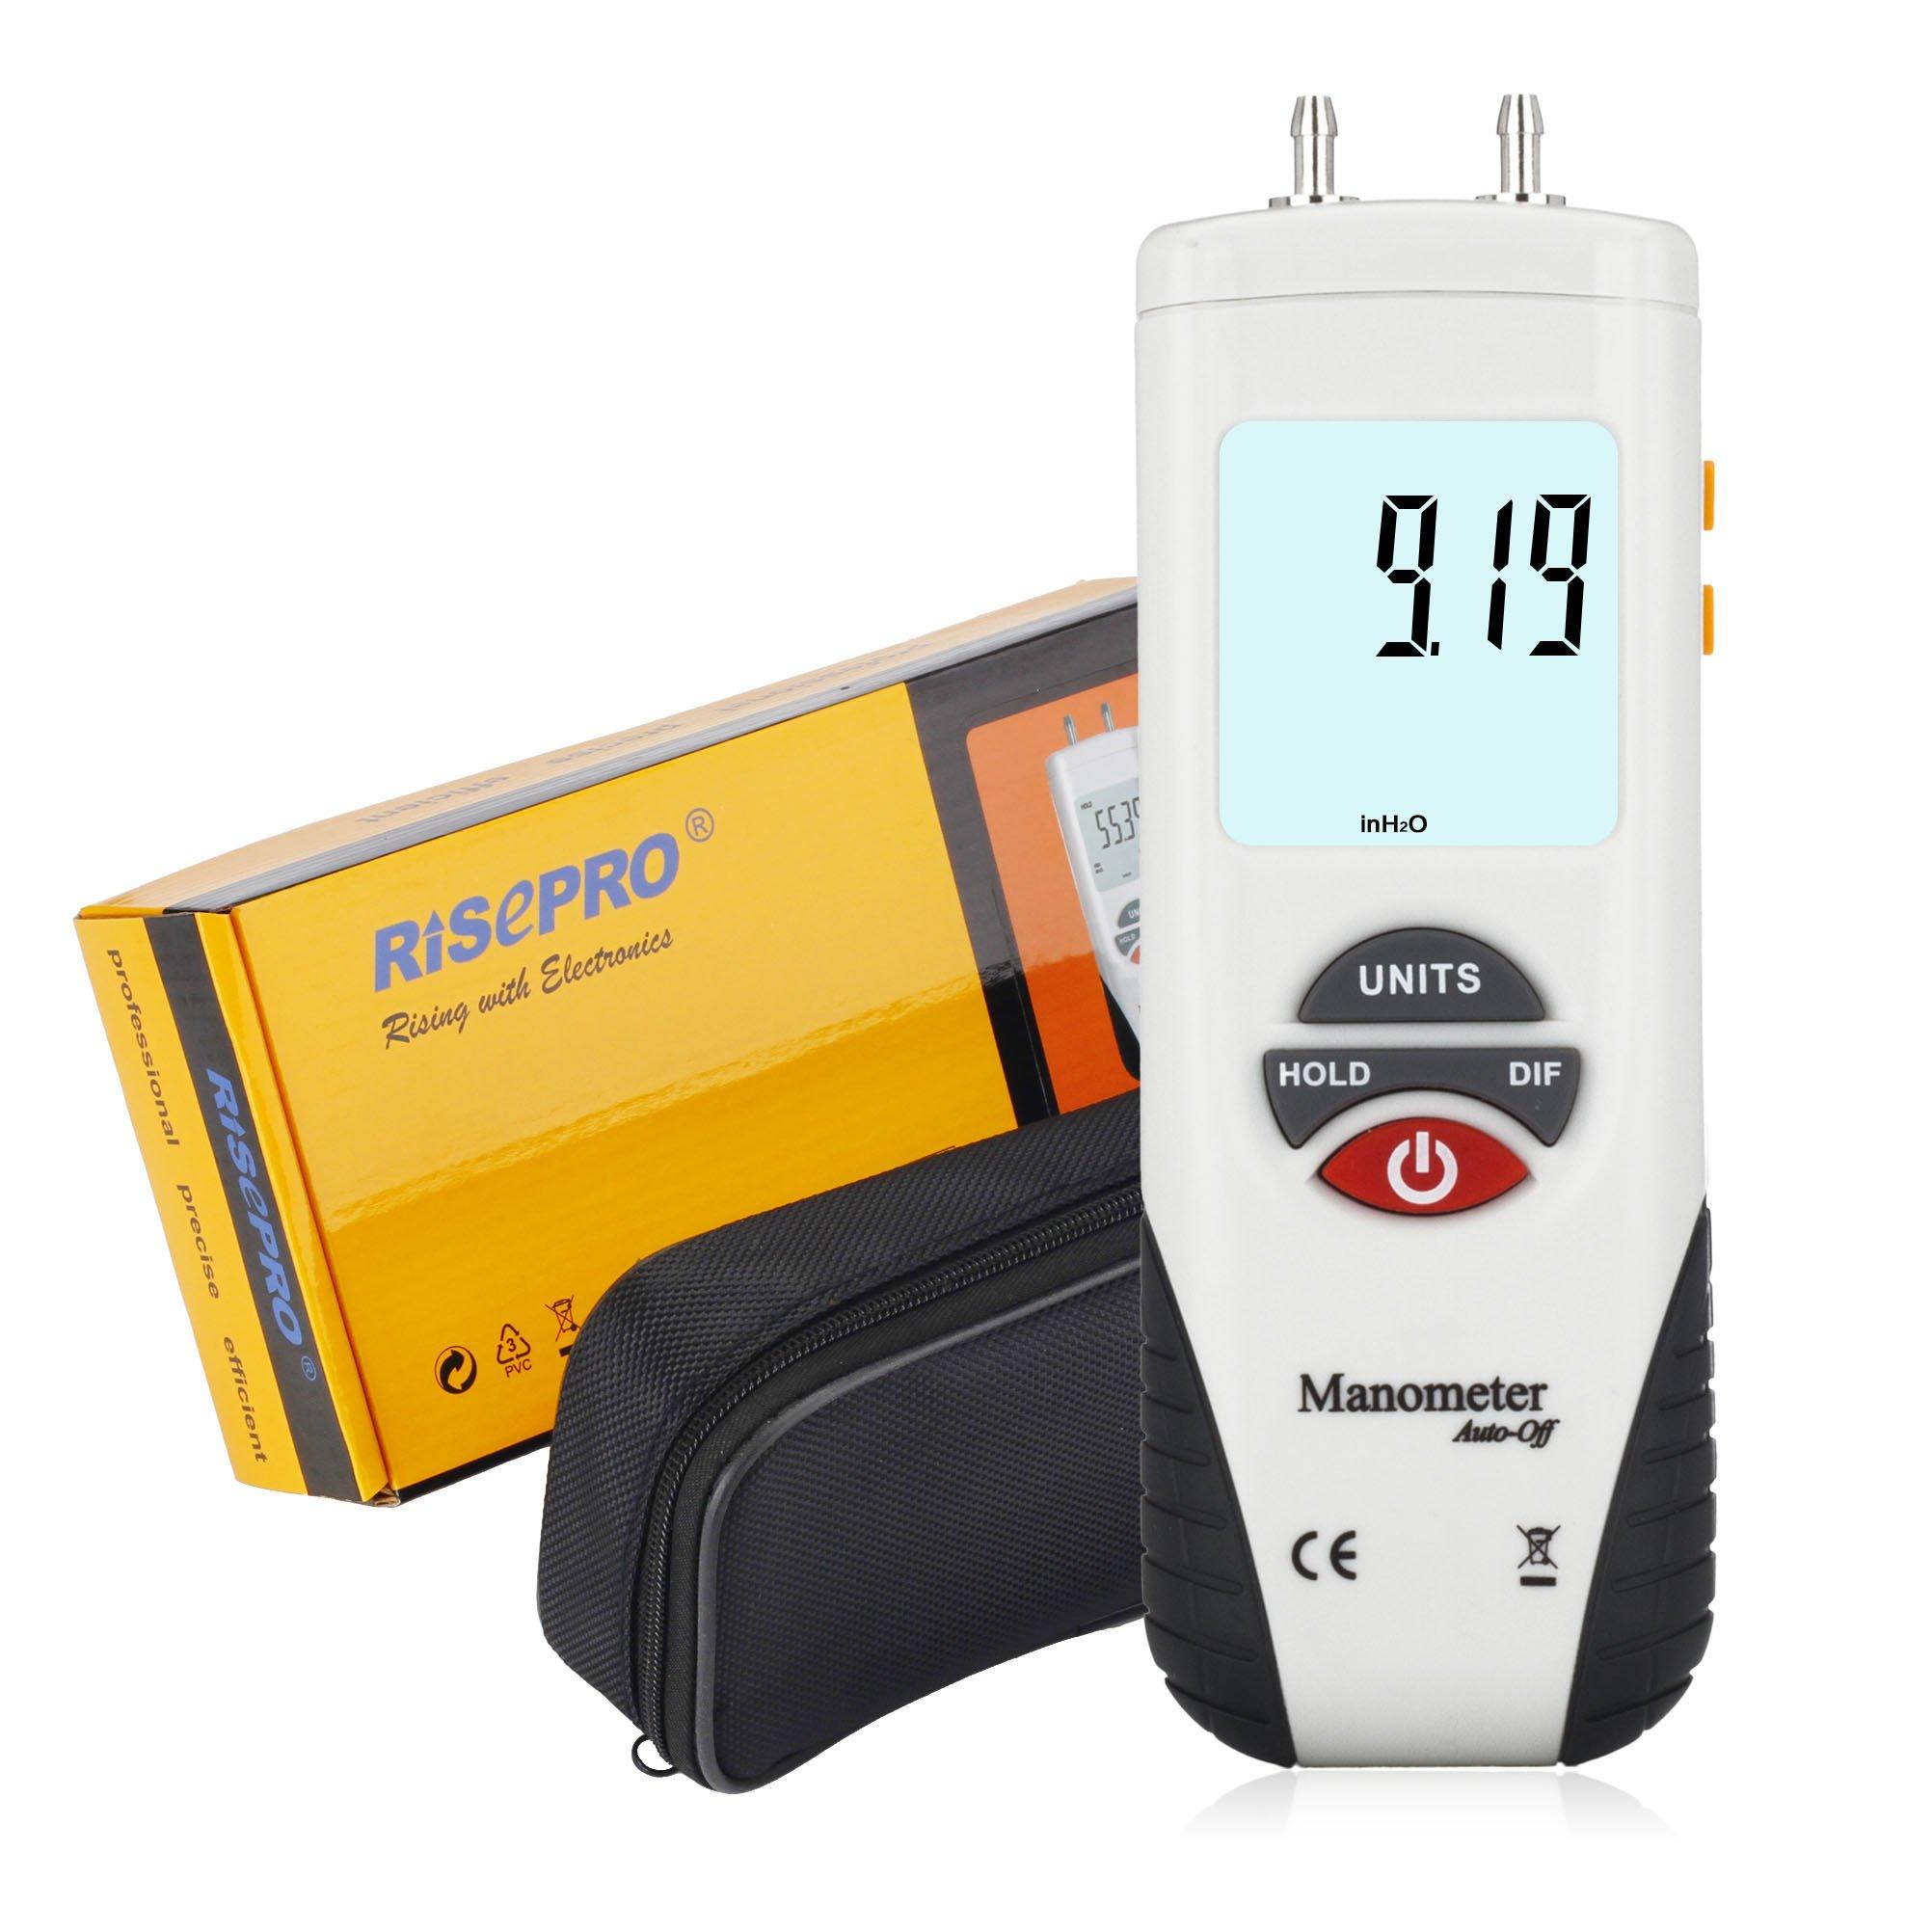 Manometer, RISEPRO Digital Air Pressure Meter and Differential Pressure Gauge HVAC Gas Pressure Tester